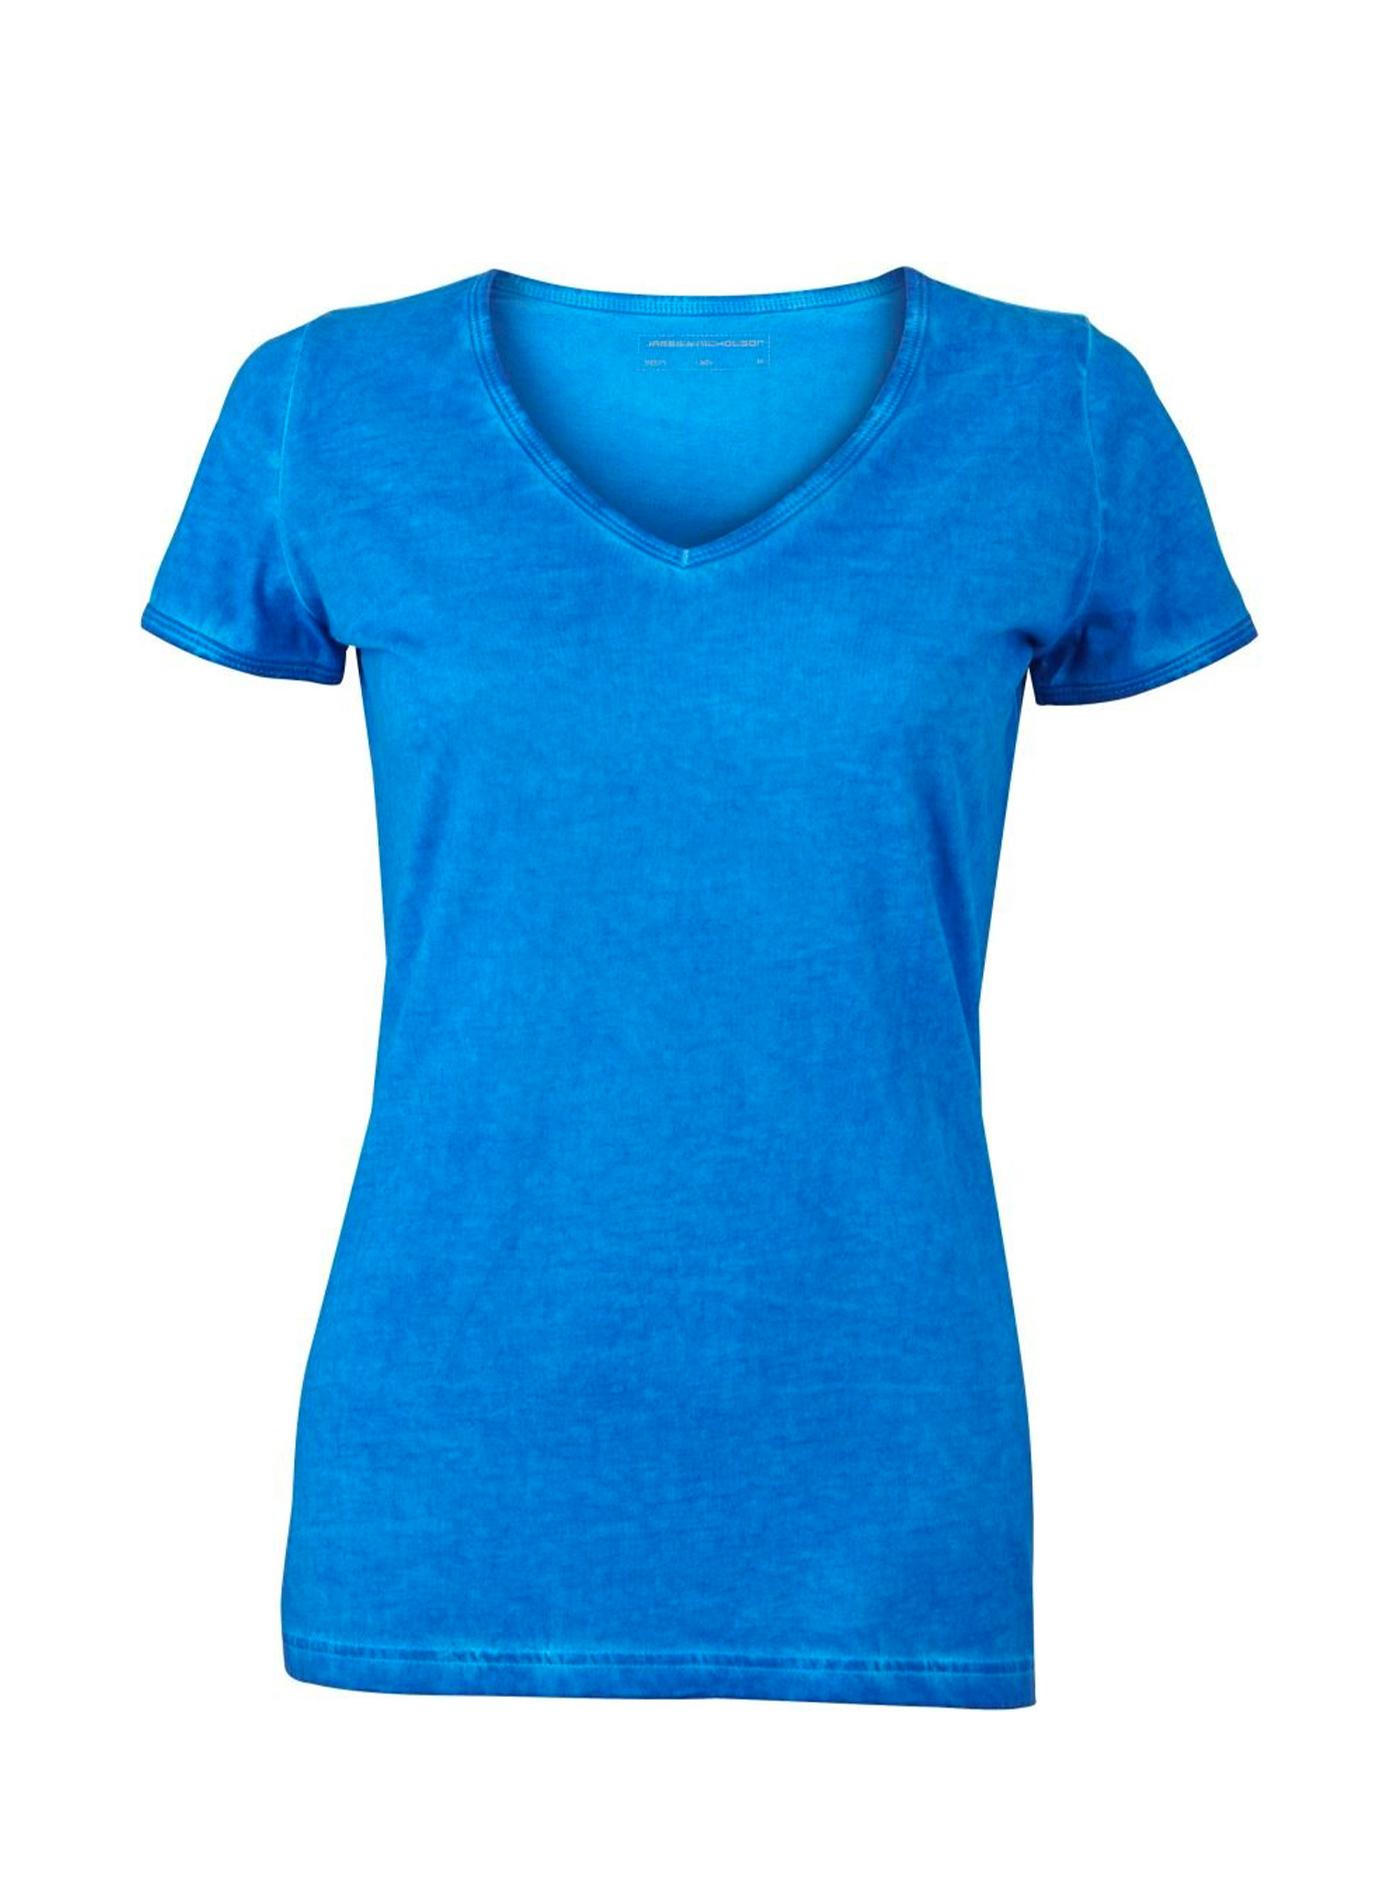 Tričko Gipsy - Blankytně modrá S